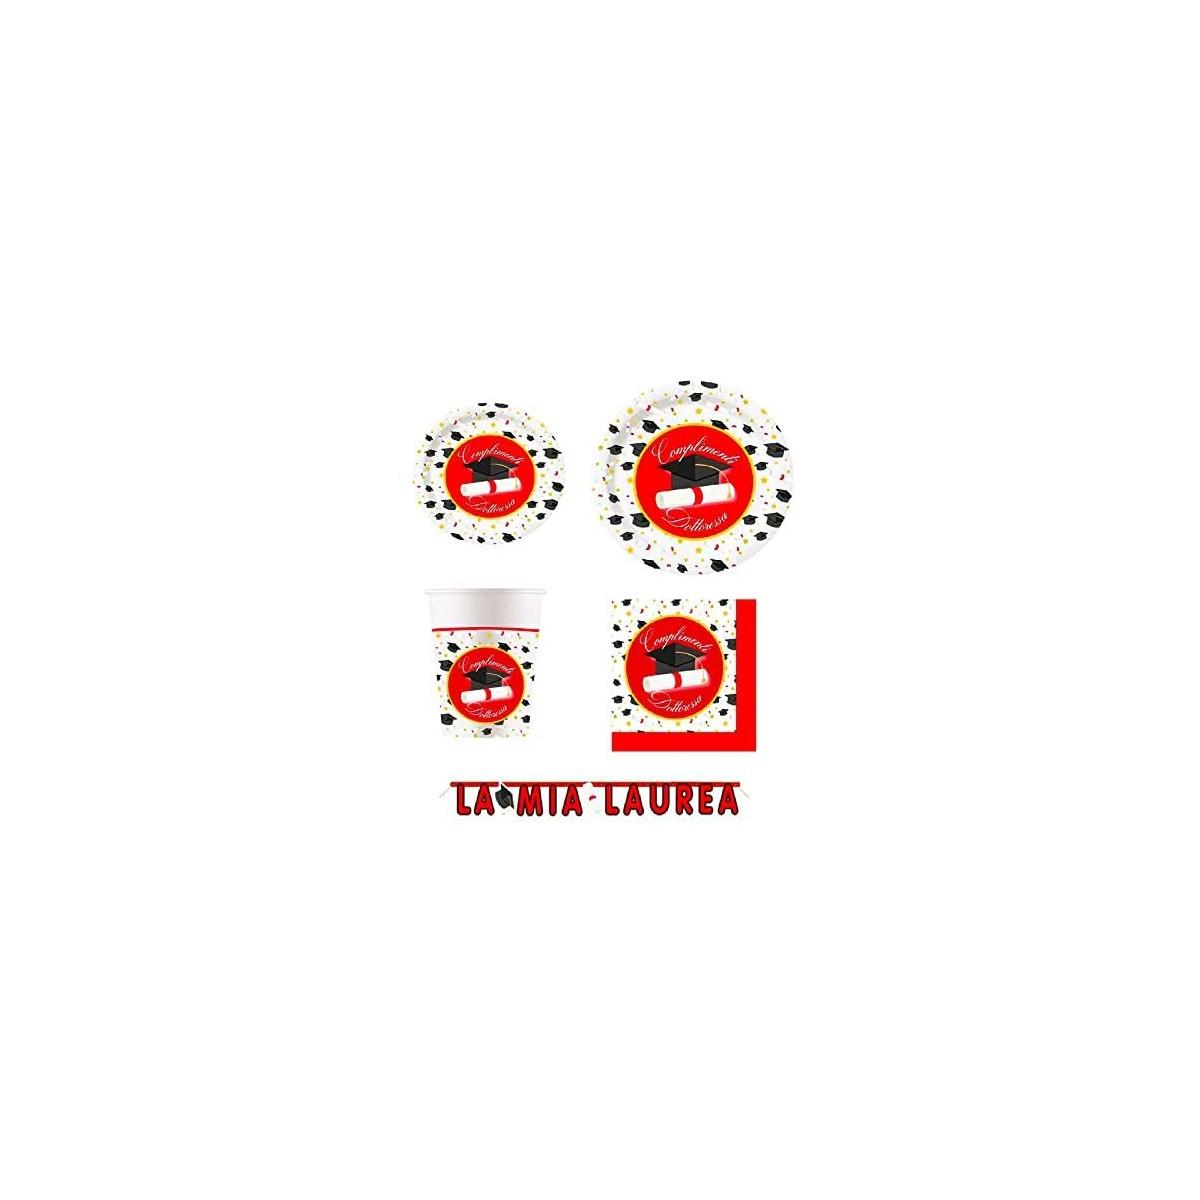 Kit per 20 persone tema Laurea dottoressa, con accessori e decorazioni